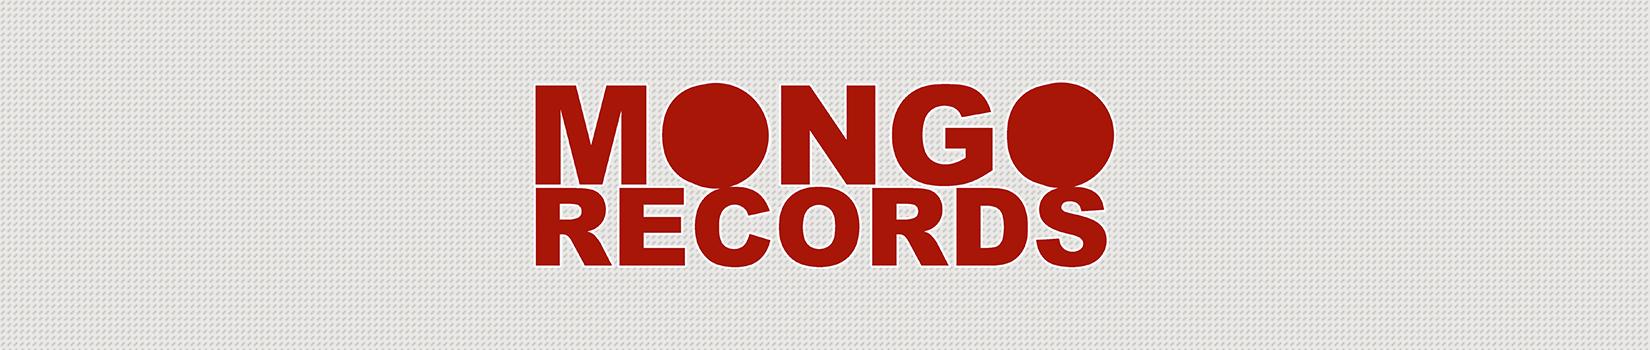 Mongo Records